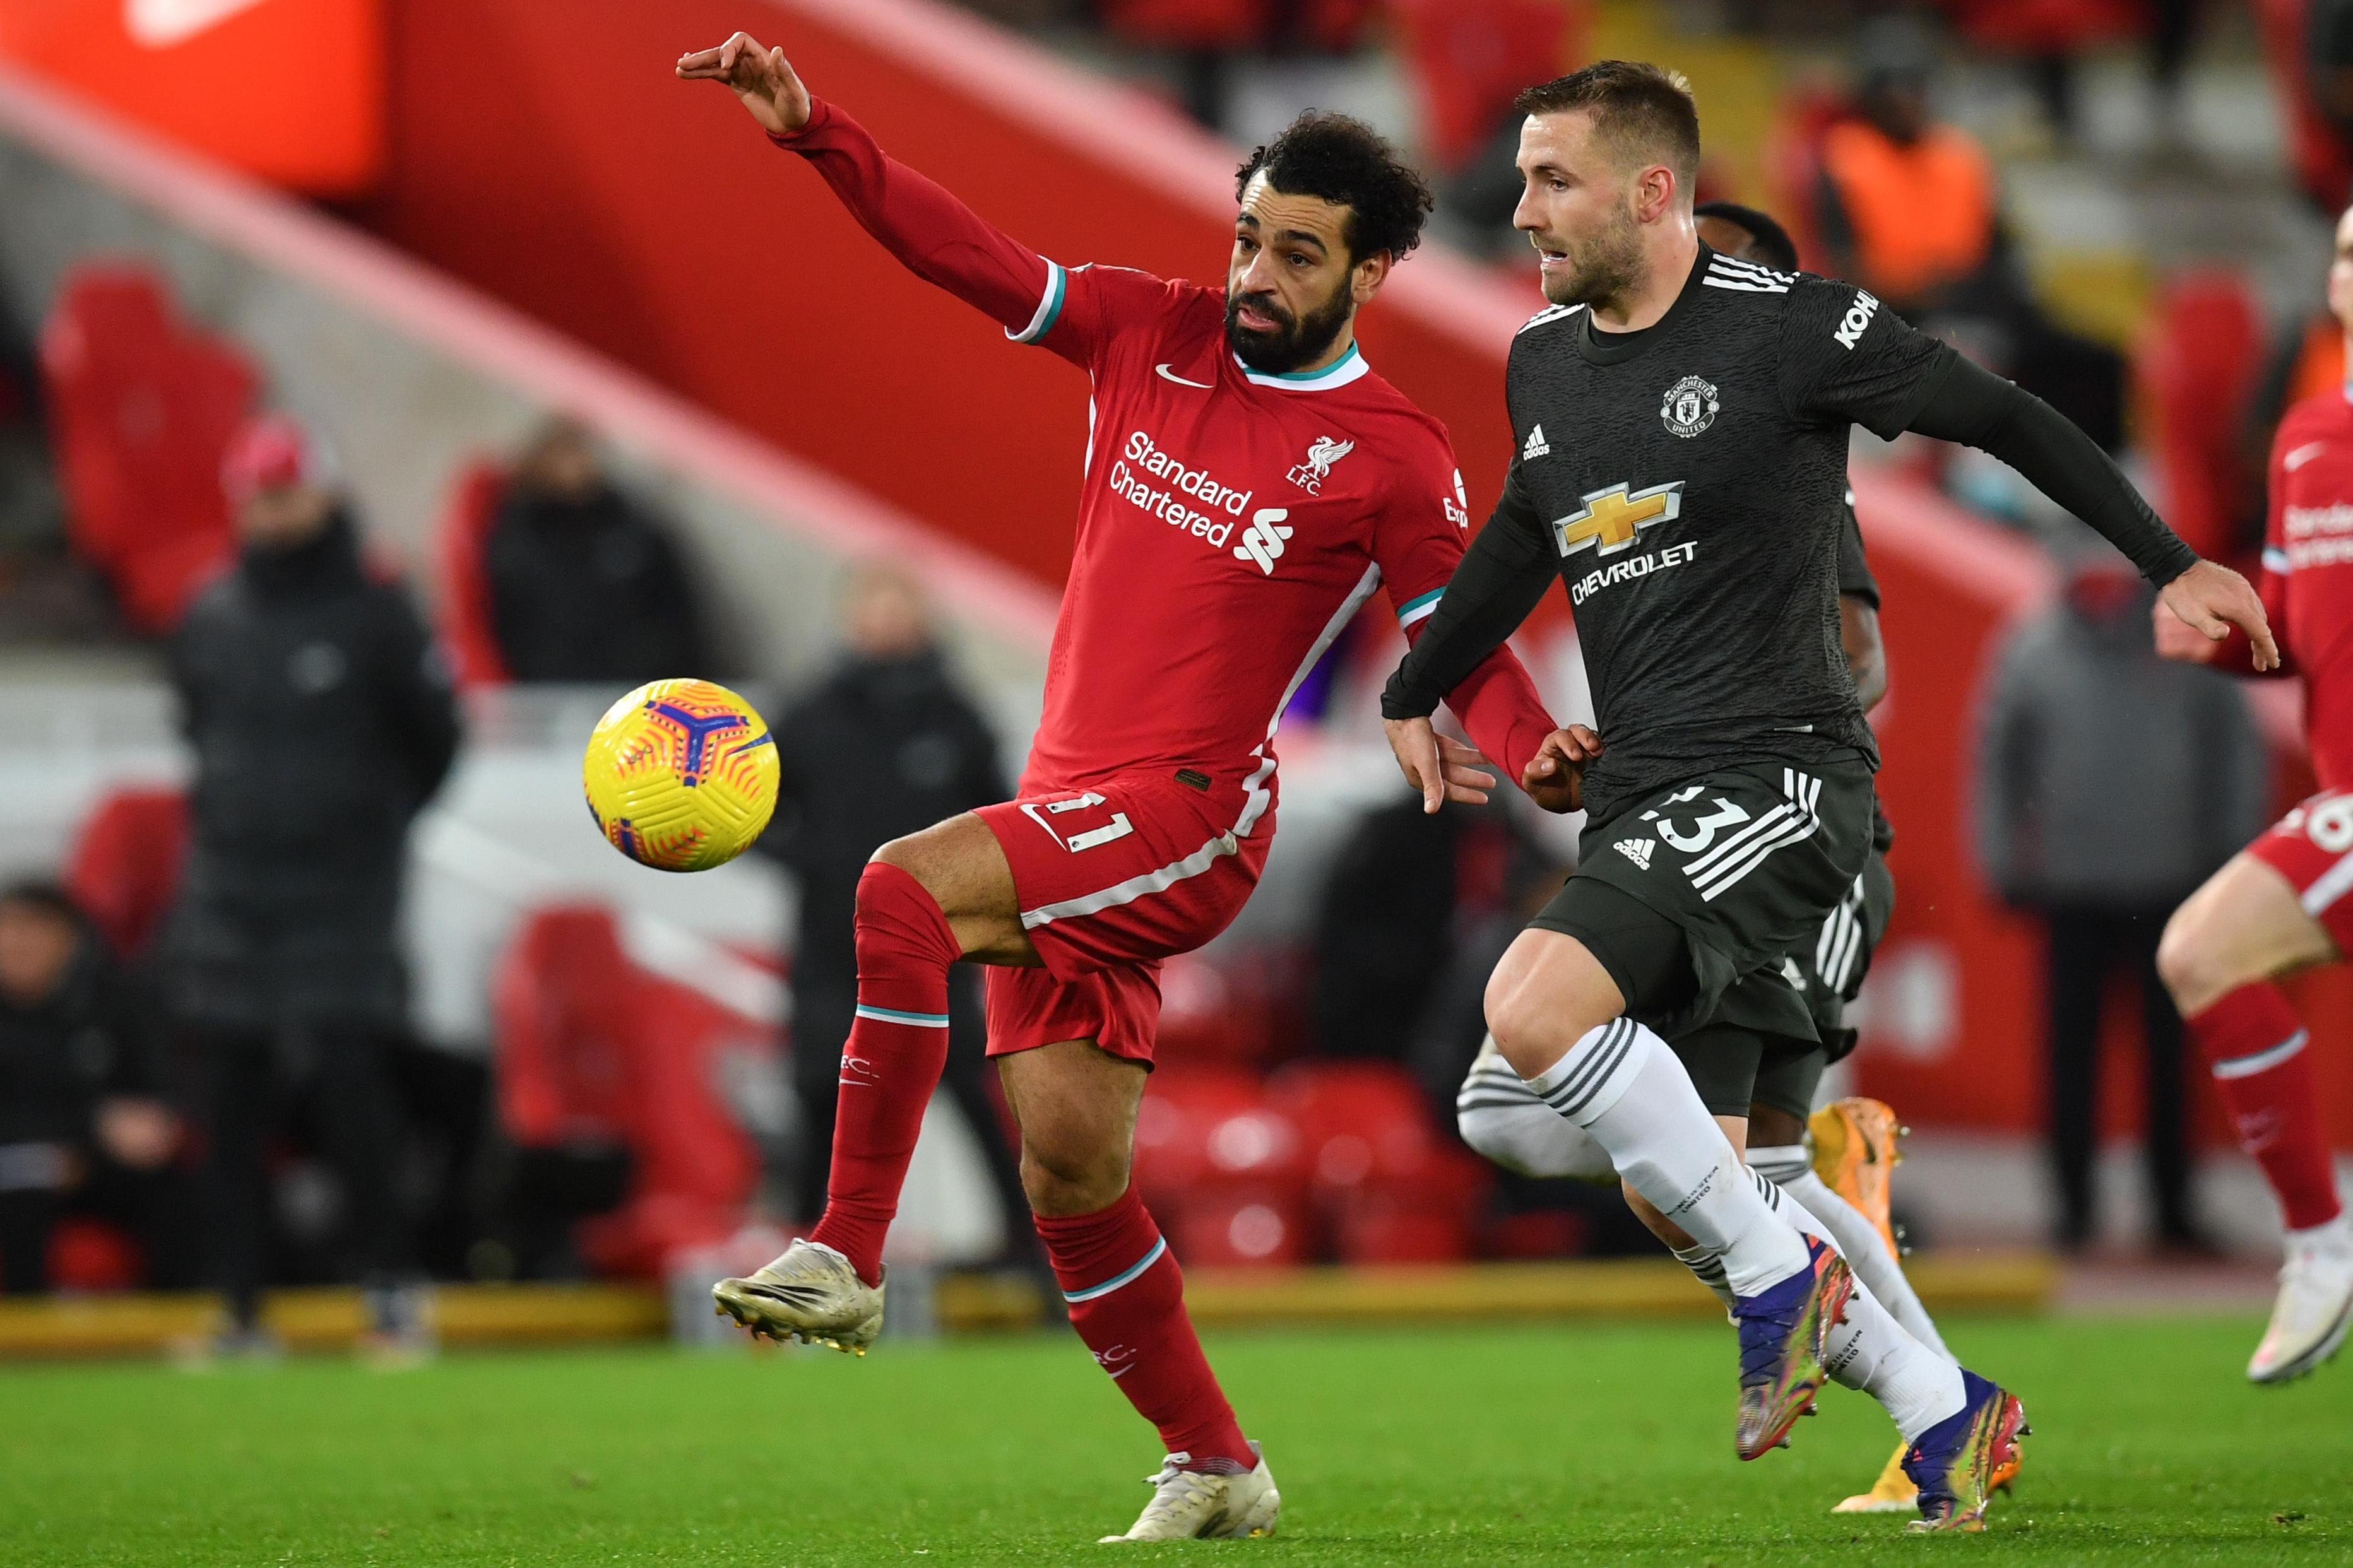 Élvezhetetlen volt a színtévesztők számára a Liverpool - Manchester United meccs